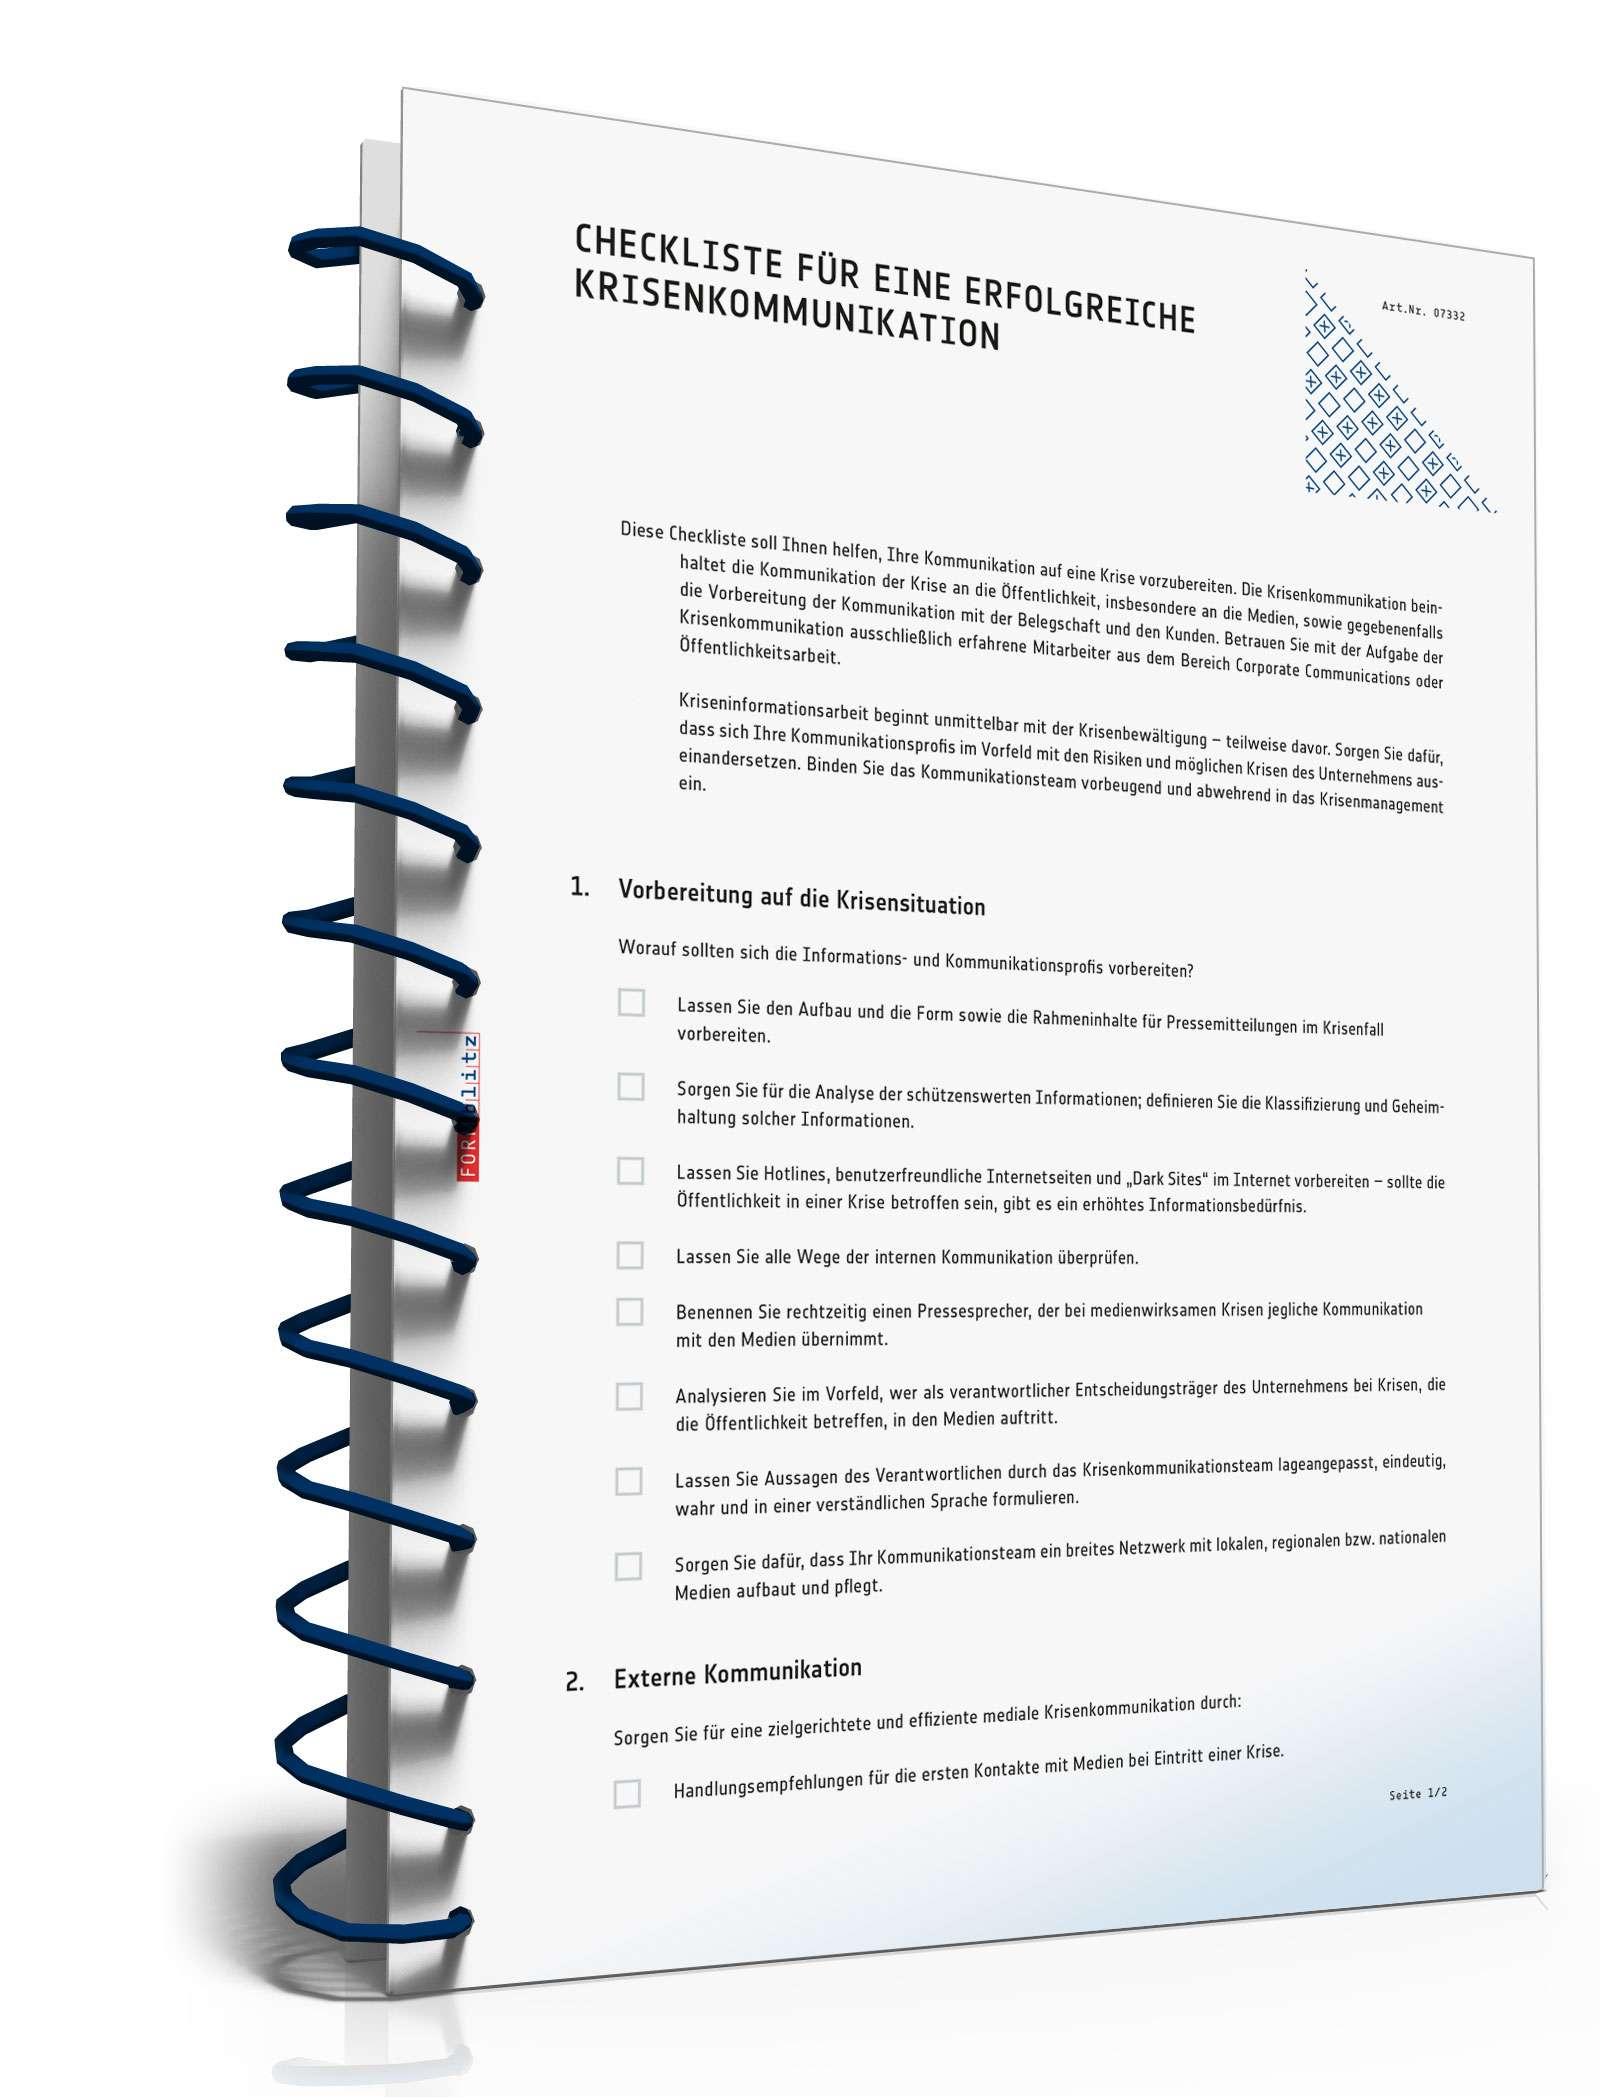 Checkliste Krisenkommunikation